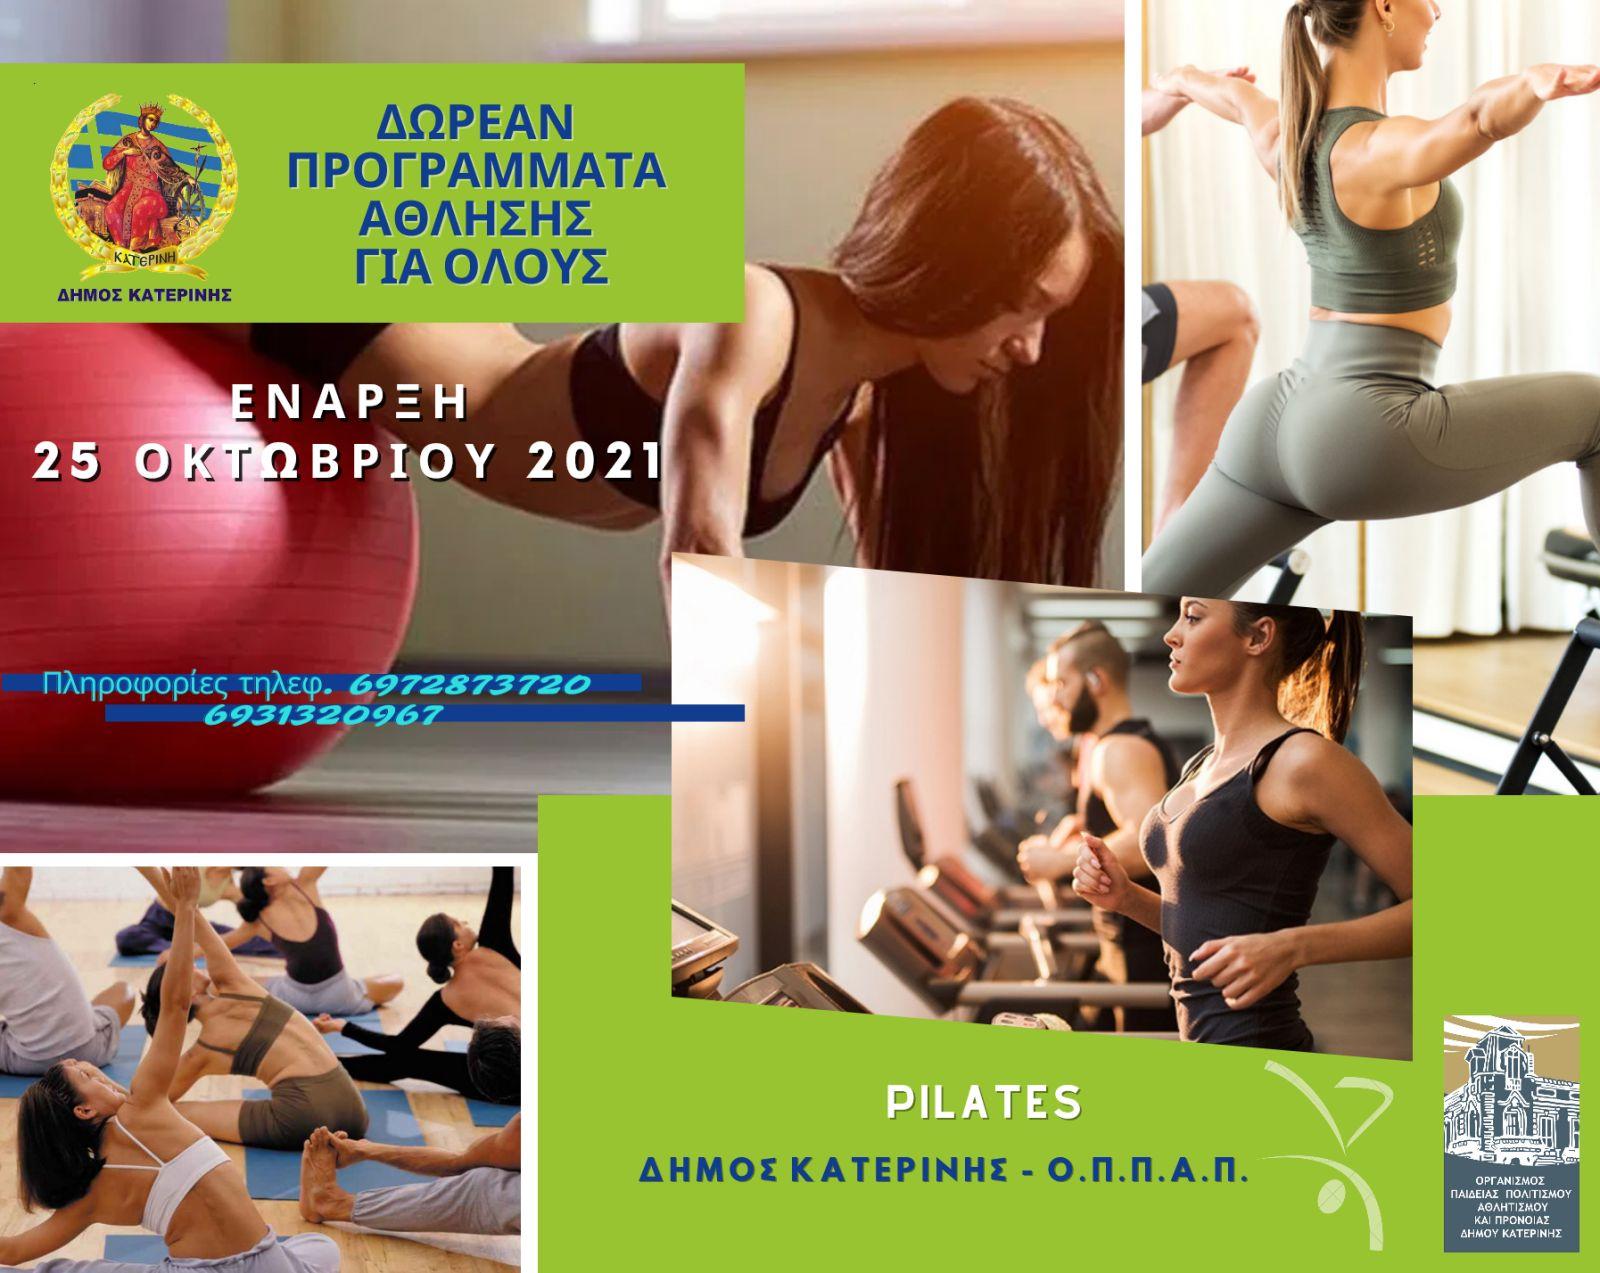 Δήμος Κατερίνης – ΟΠΠΑΠ: Δωρεάν προγράμματα άθλησης για όλους